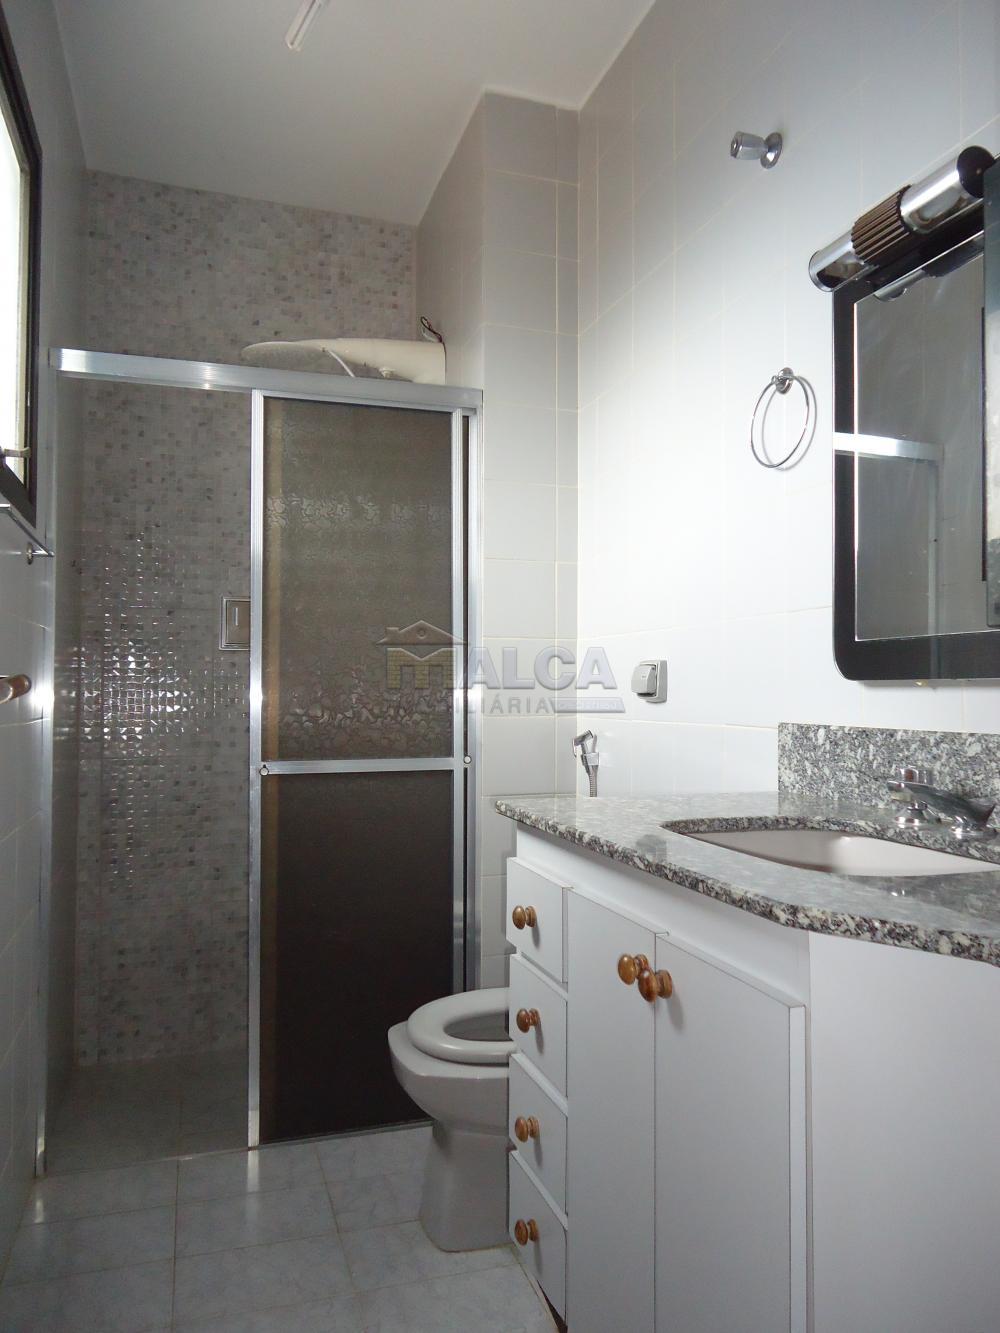 Alugar Apartamentos / Condomínio em São José do Rio Pardo apenas R$ 650,00 - Foto 24